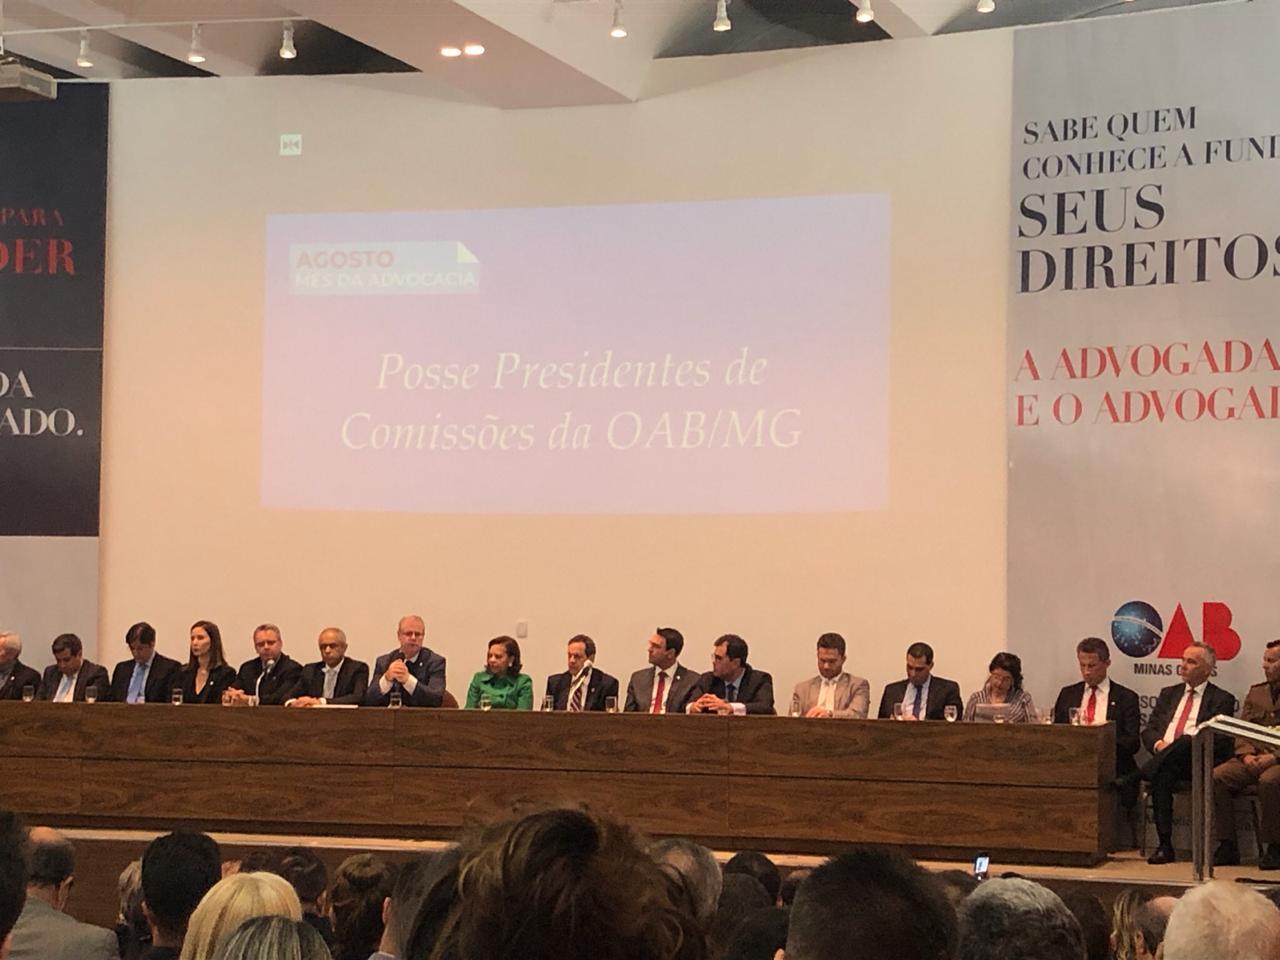 Posse presidência da Comissão de Direito Securitária e Previdência Complementar da OAB/MG